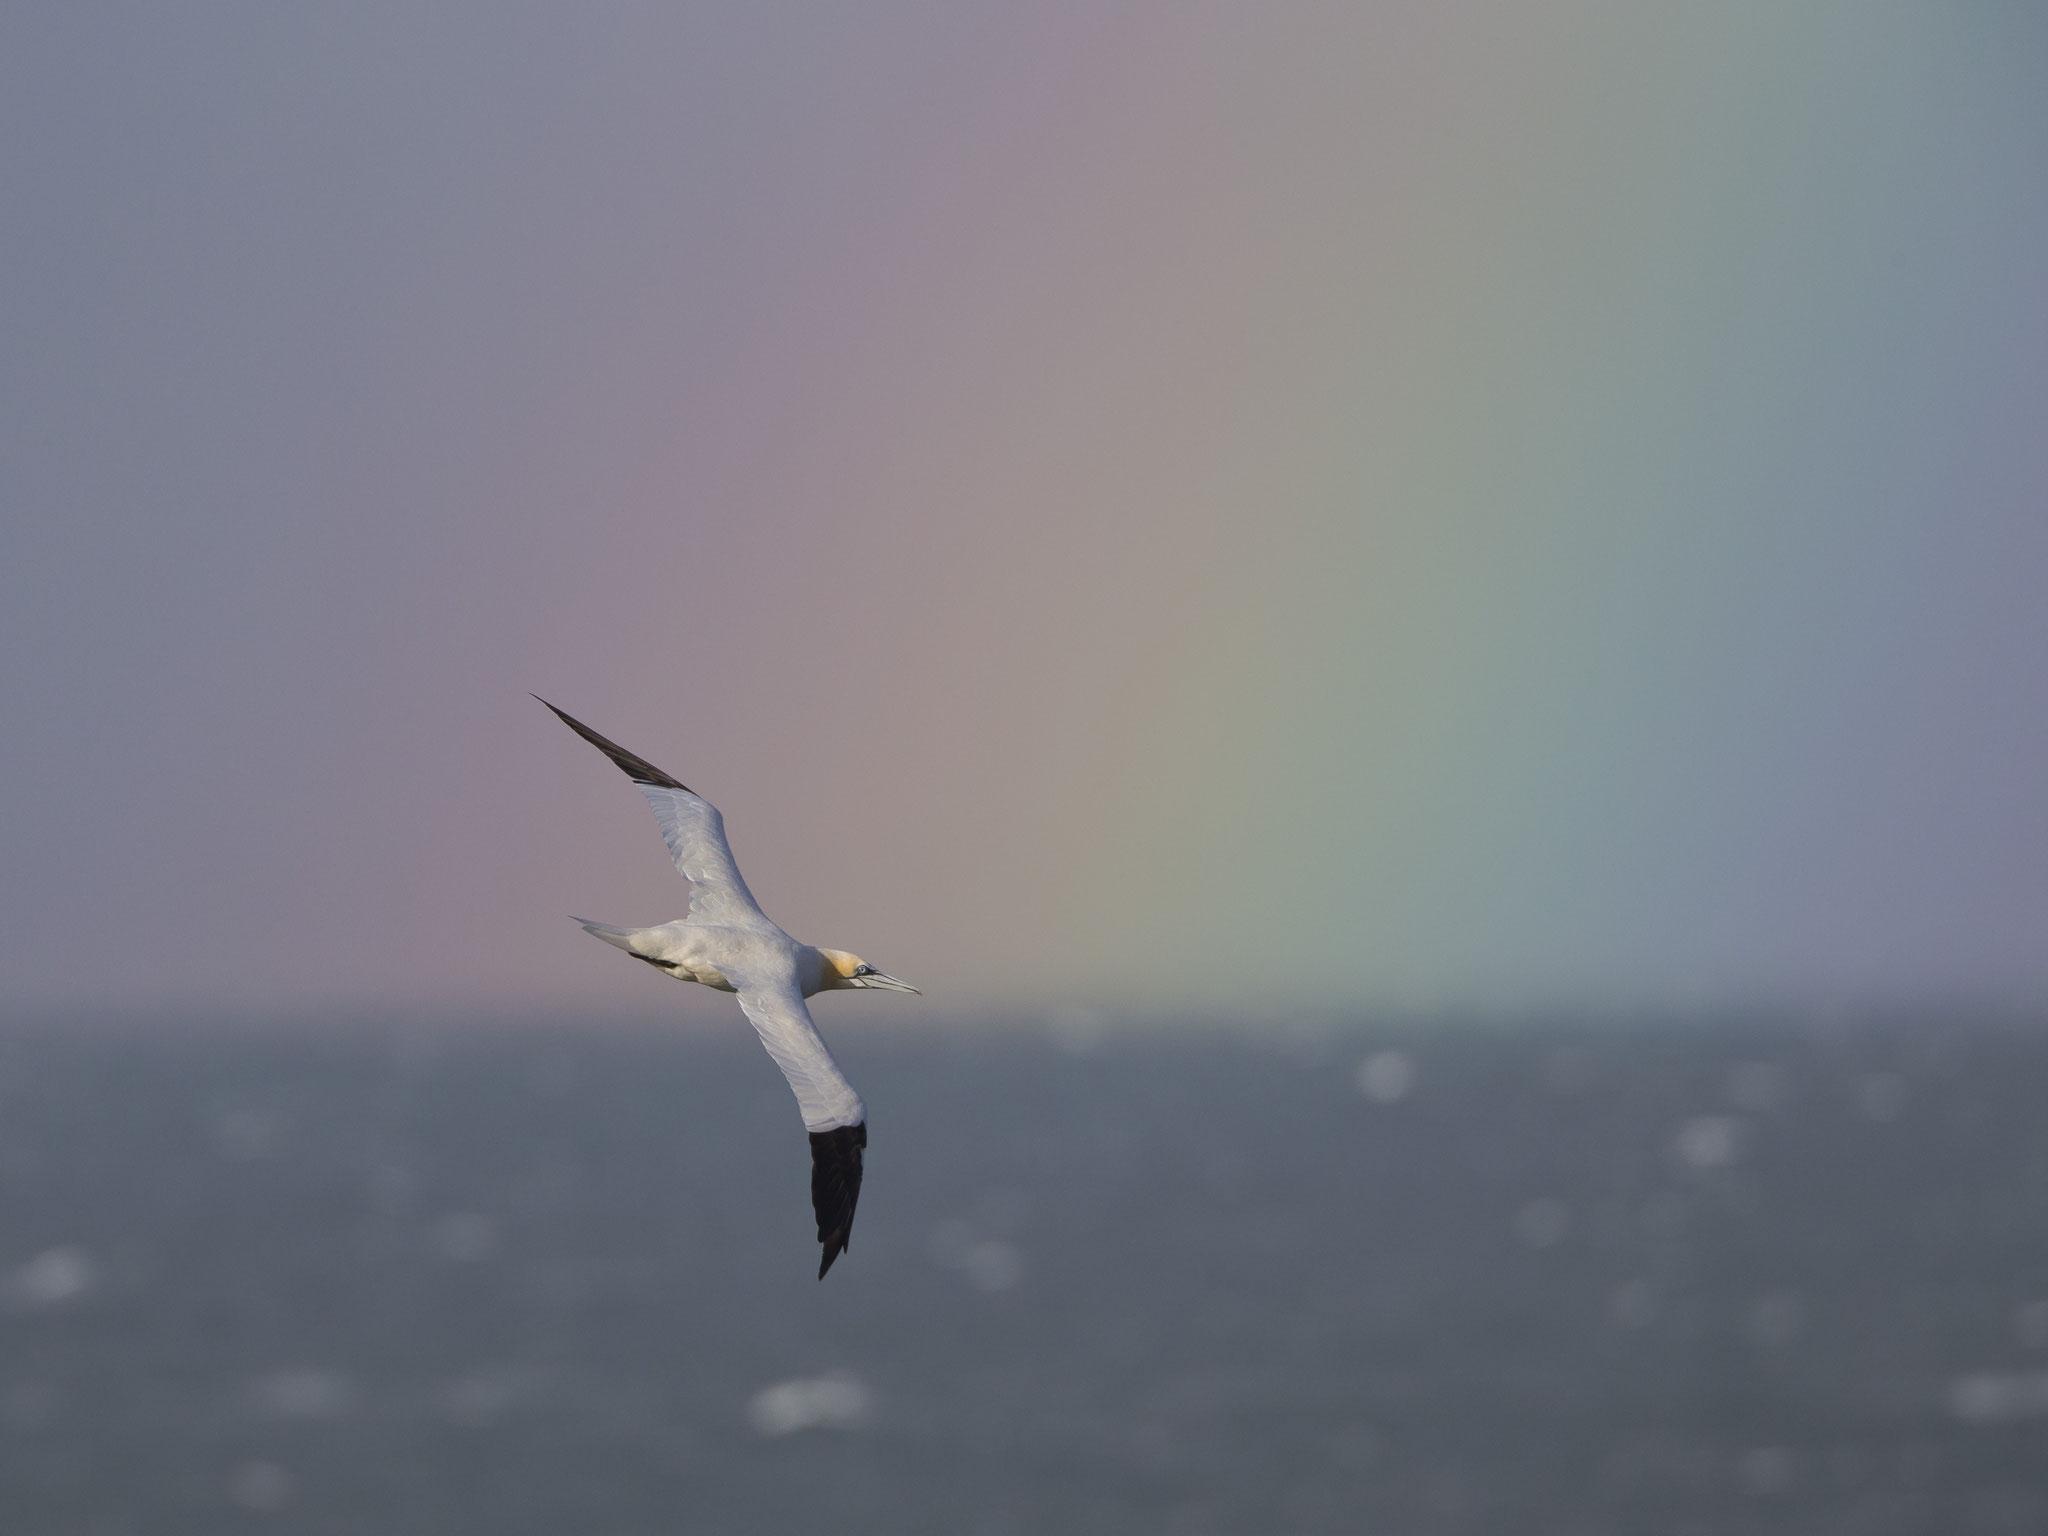 Flug in den Regenbogen